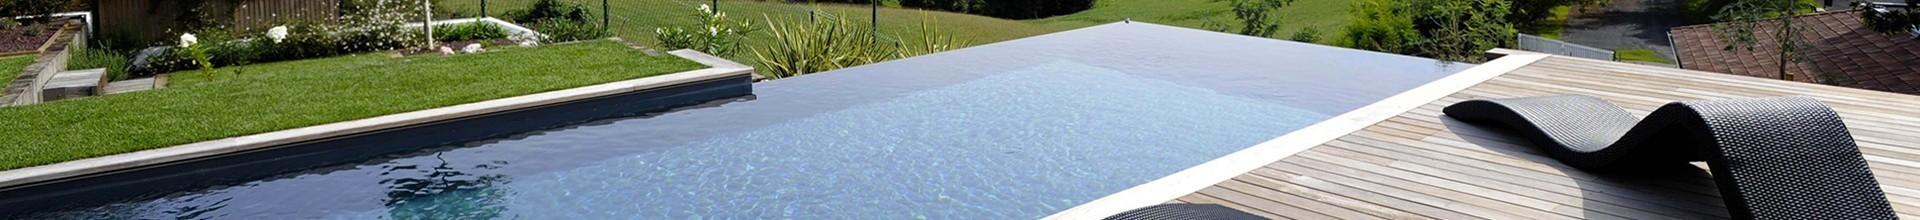 Direct usine, piscine coque prix Deux-Sèvres